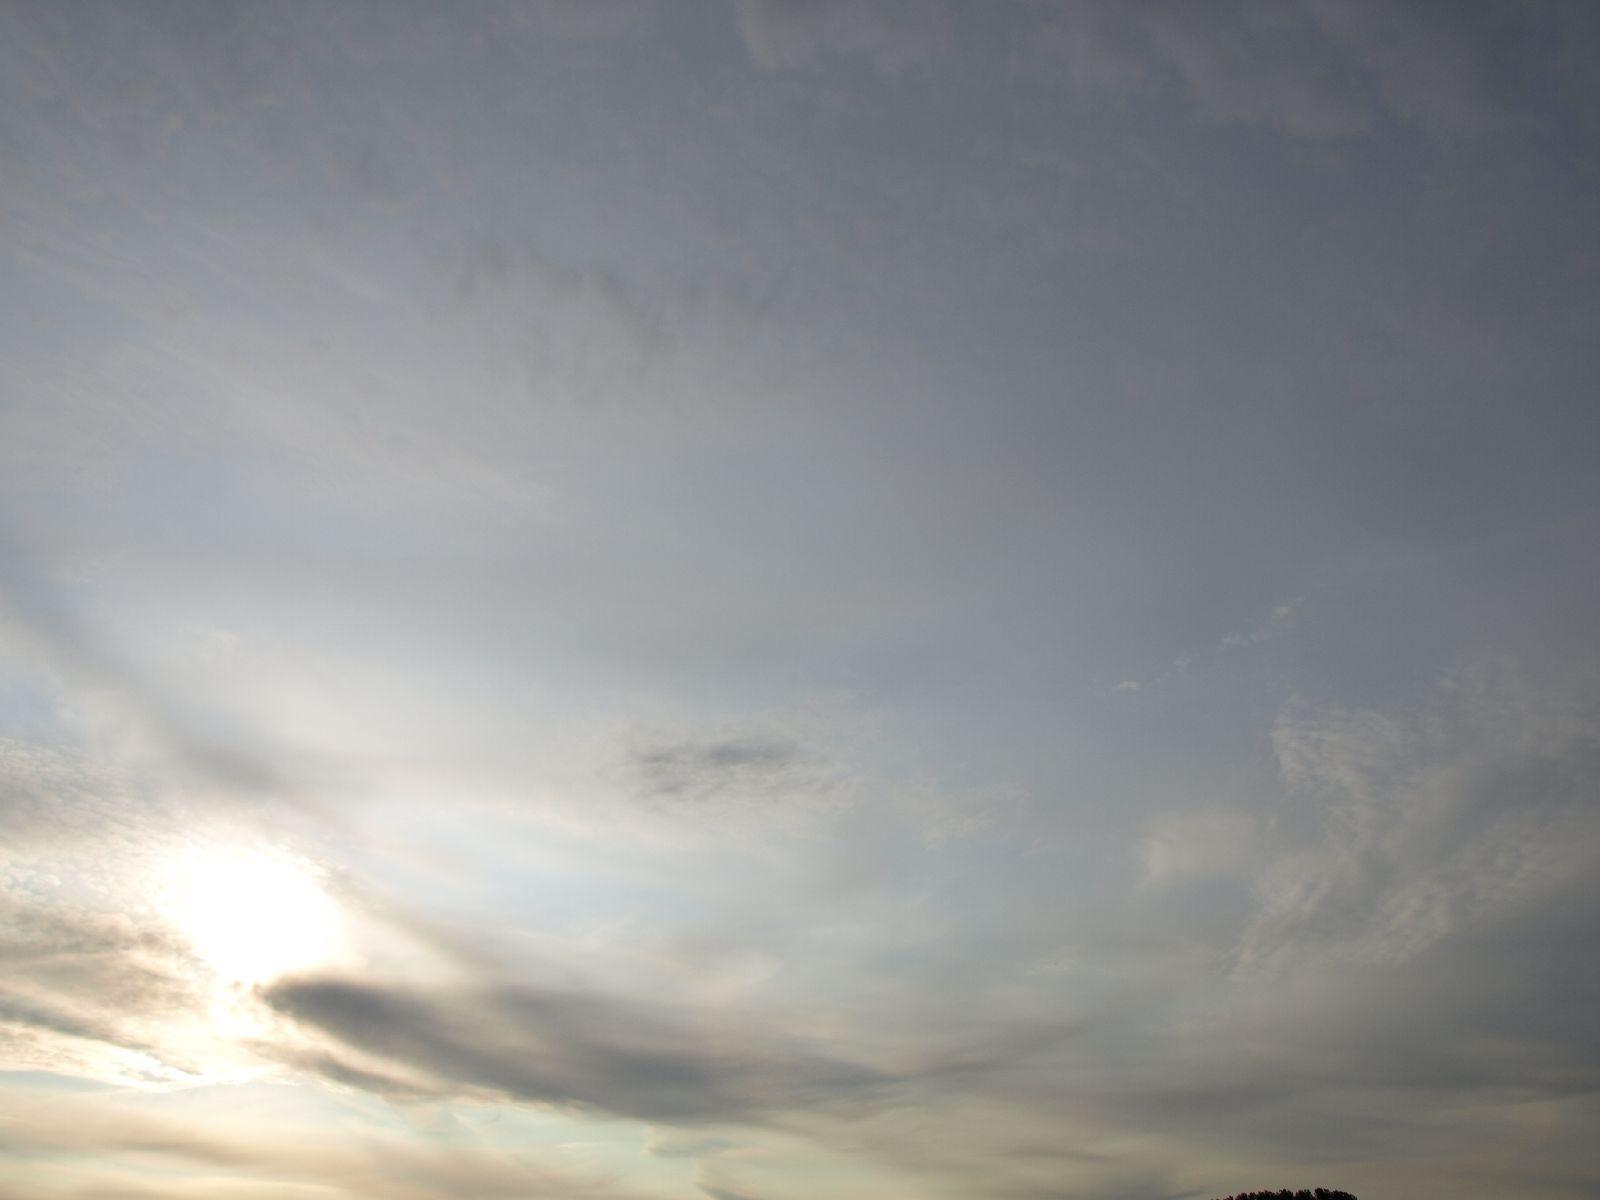 Himmel-Wolken-Foto_Textur_A_P8174443